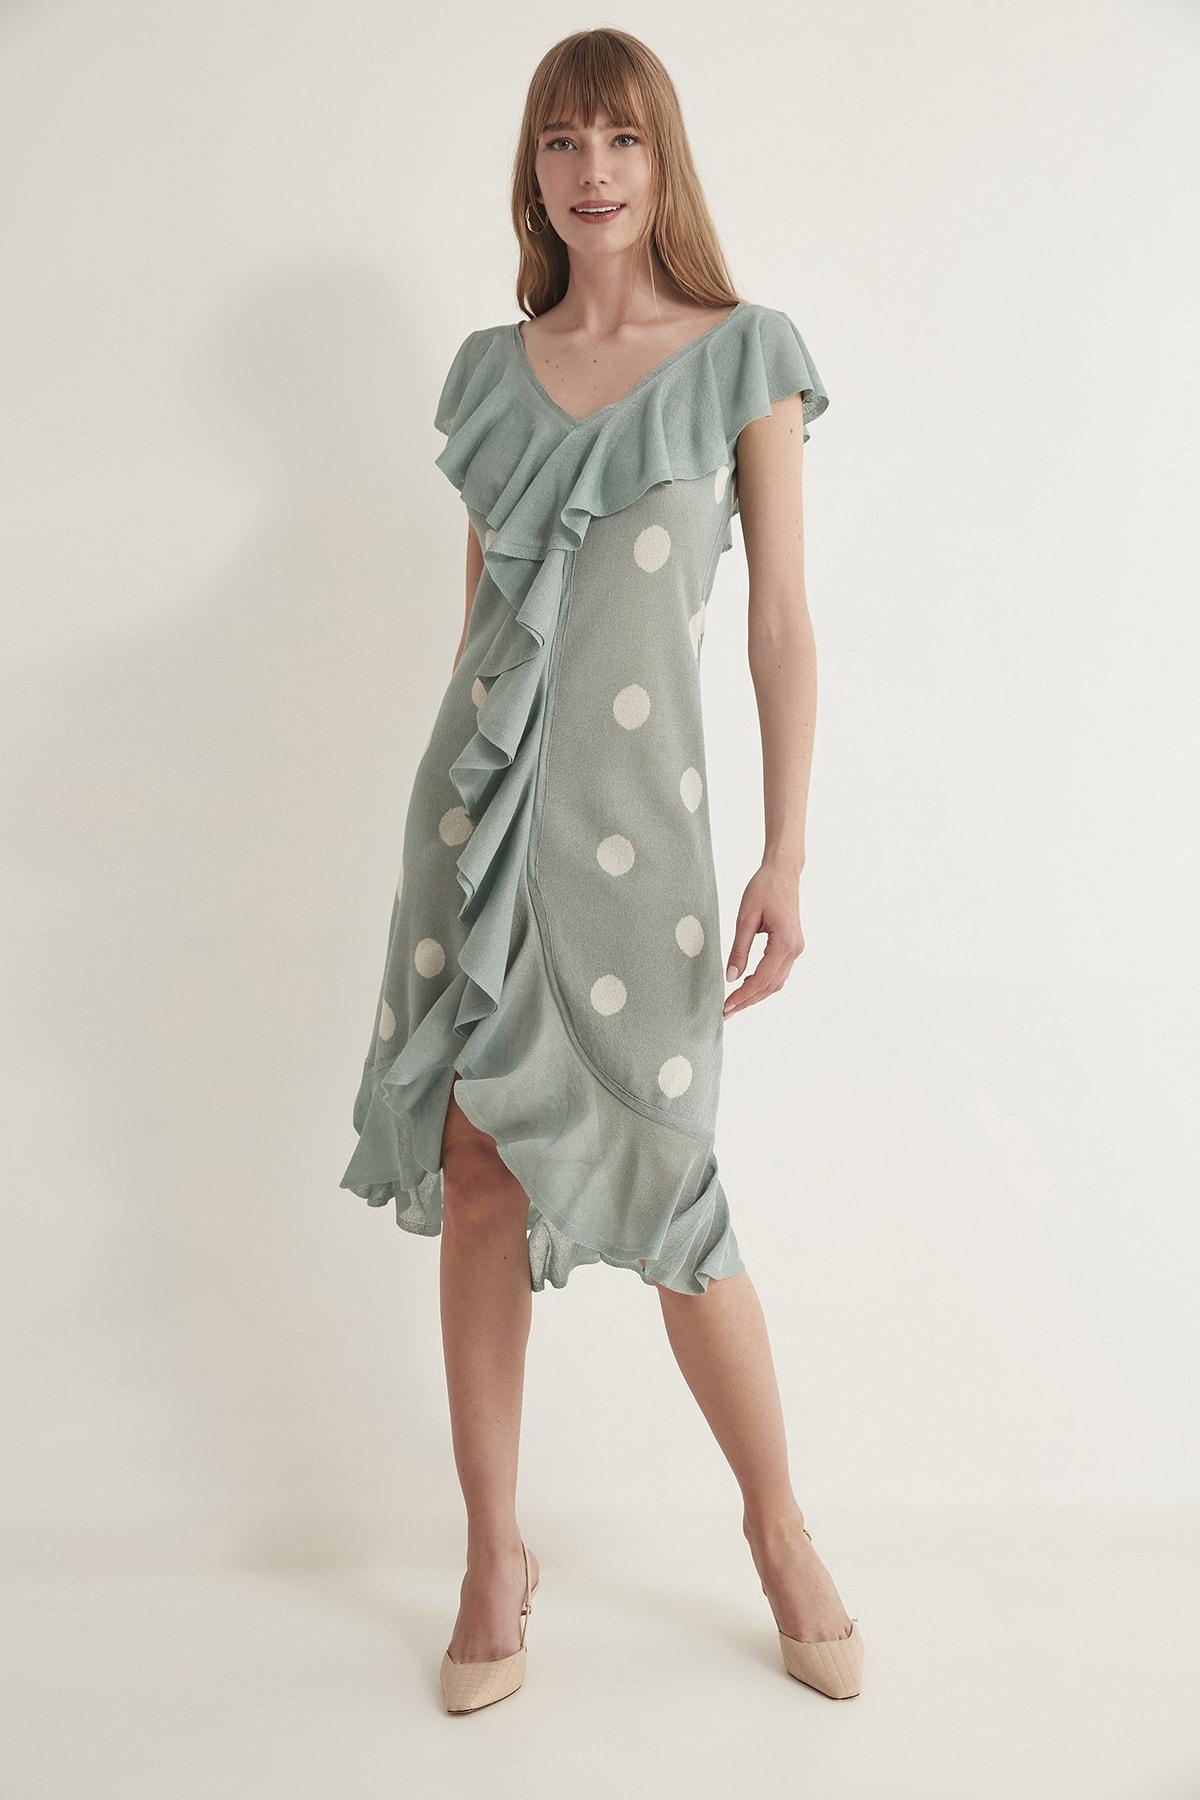 JOIN US Kadın Puantiyeli Fırfırlı V Yaka  Triko Elbise-Mint 2020S079 1